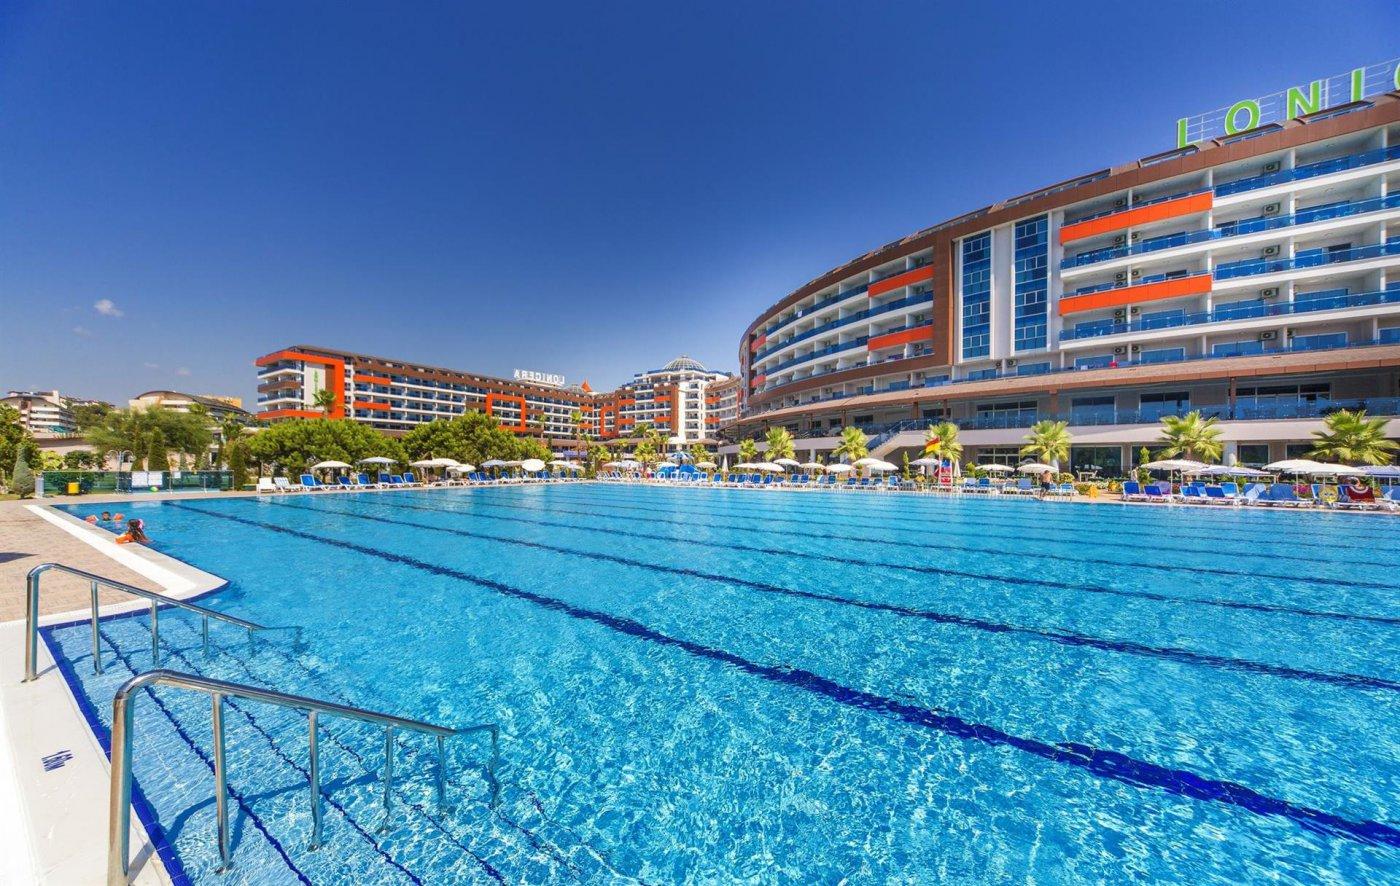 Корпус отеля Lonicera Resort & Spa 5* (Лонисера Резорт энд Спа 5*)